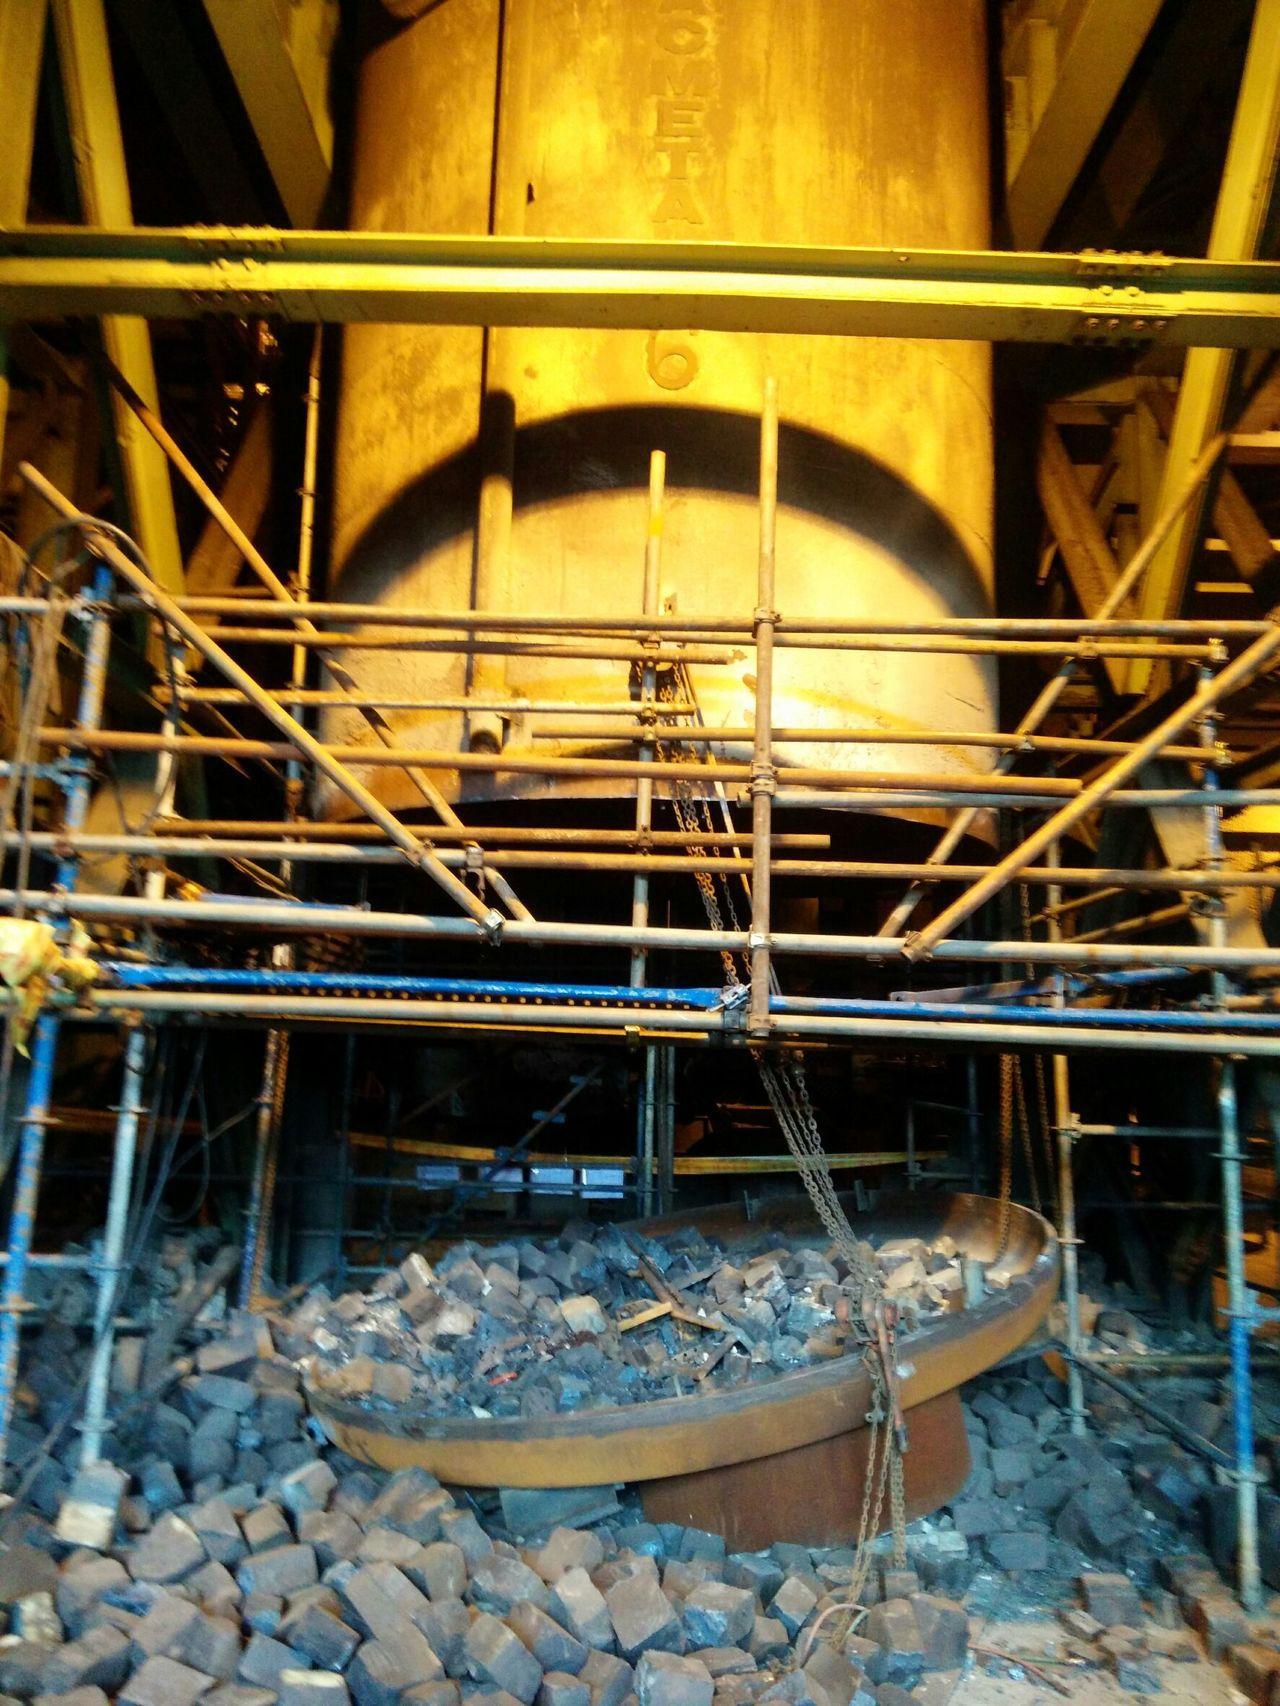 真空處理槽耐火磚崩落。圖/高雄市勞檢處提供